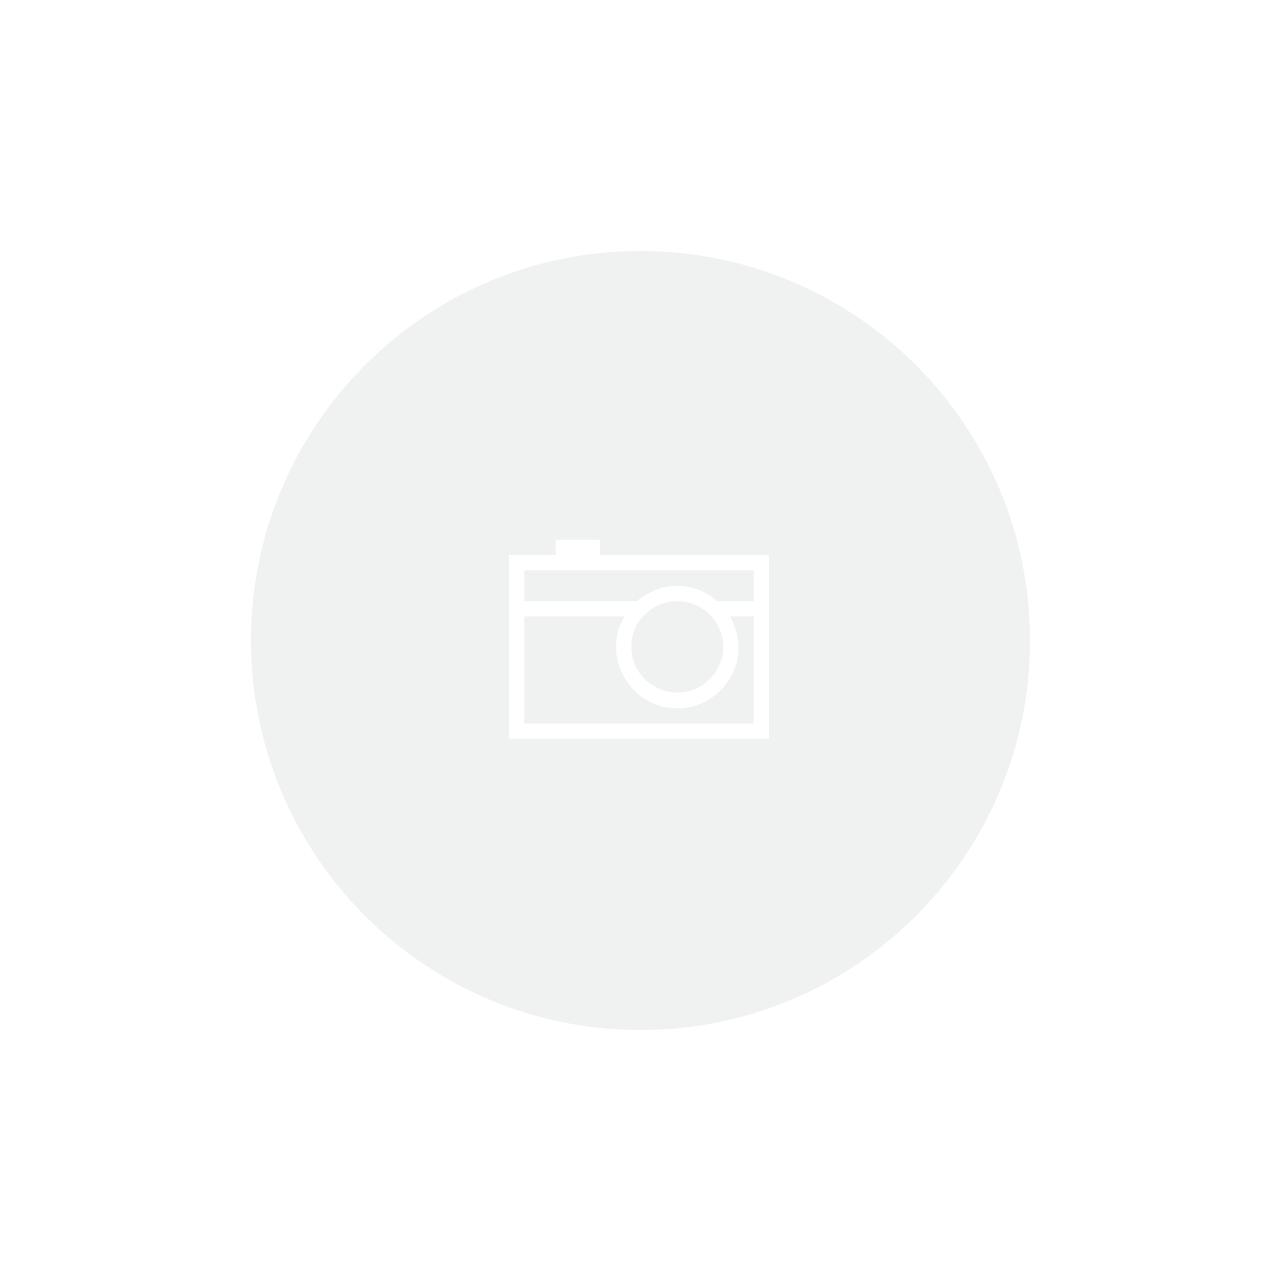 Chinelo Tecido Infantil Unissex Beeton Bali Infantil 02